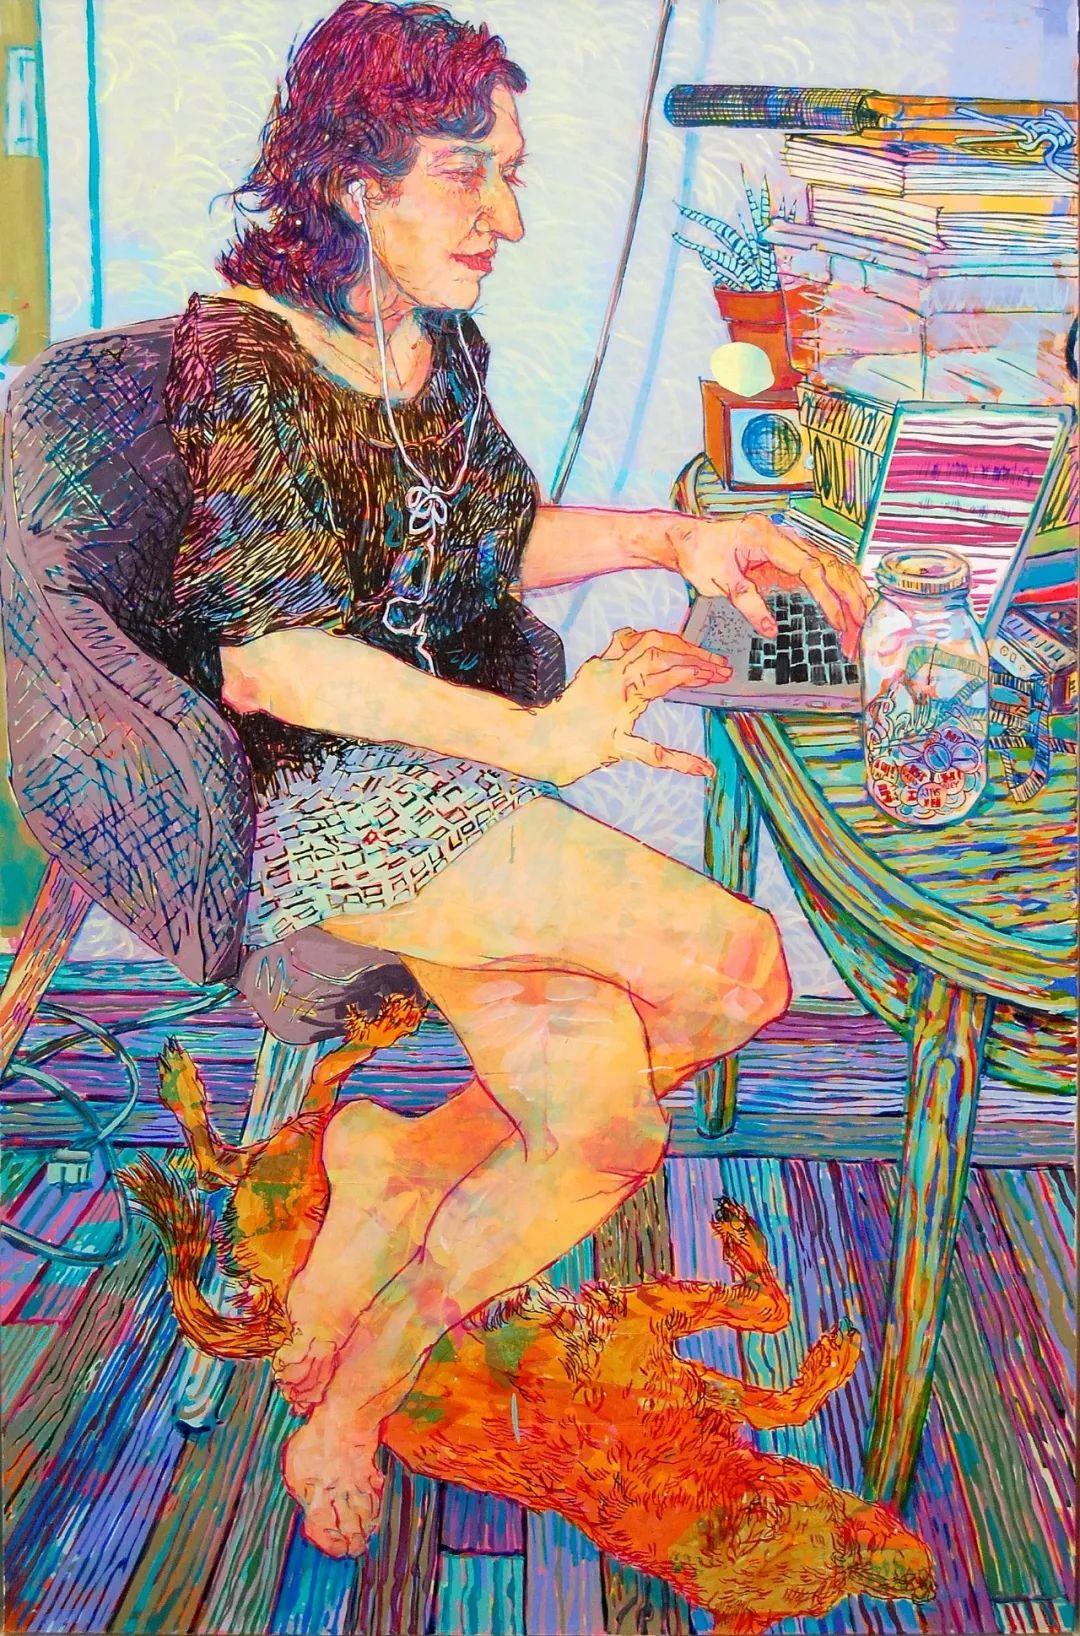 用平静的笔触描绘强烈的感情,美国艺术家Hope Gangloff作品选插图1